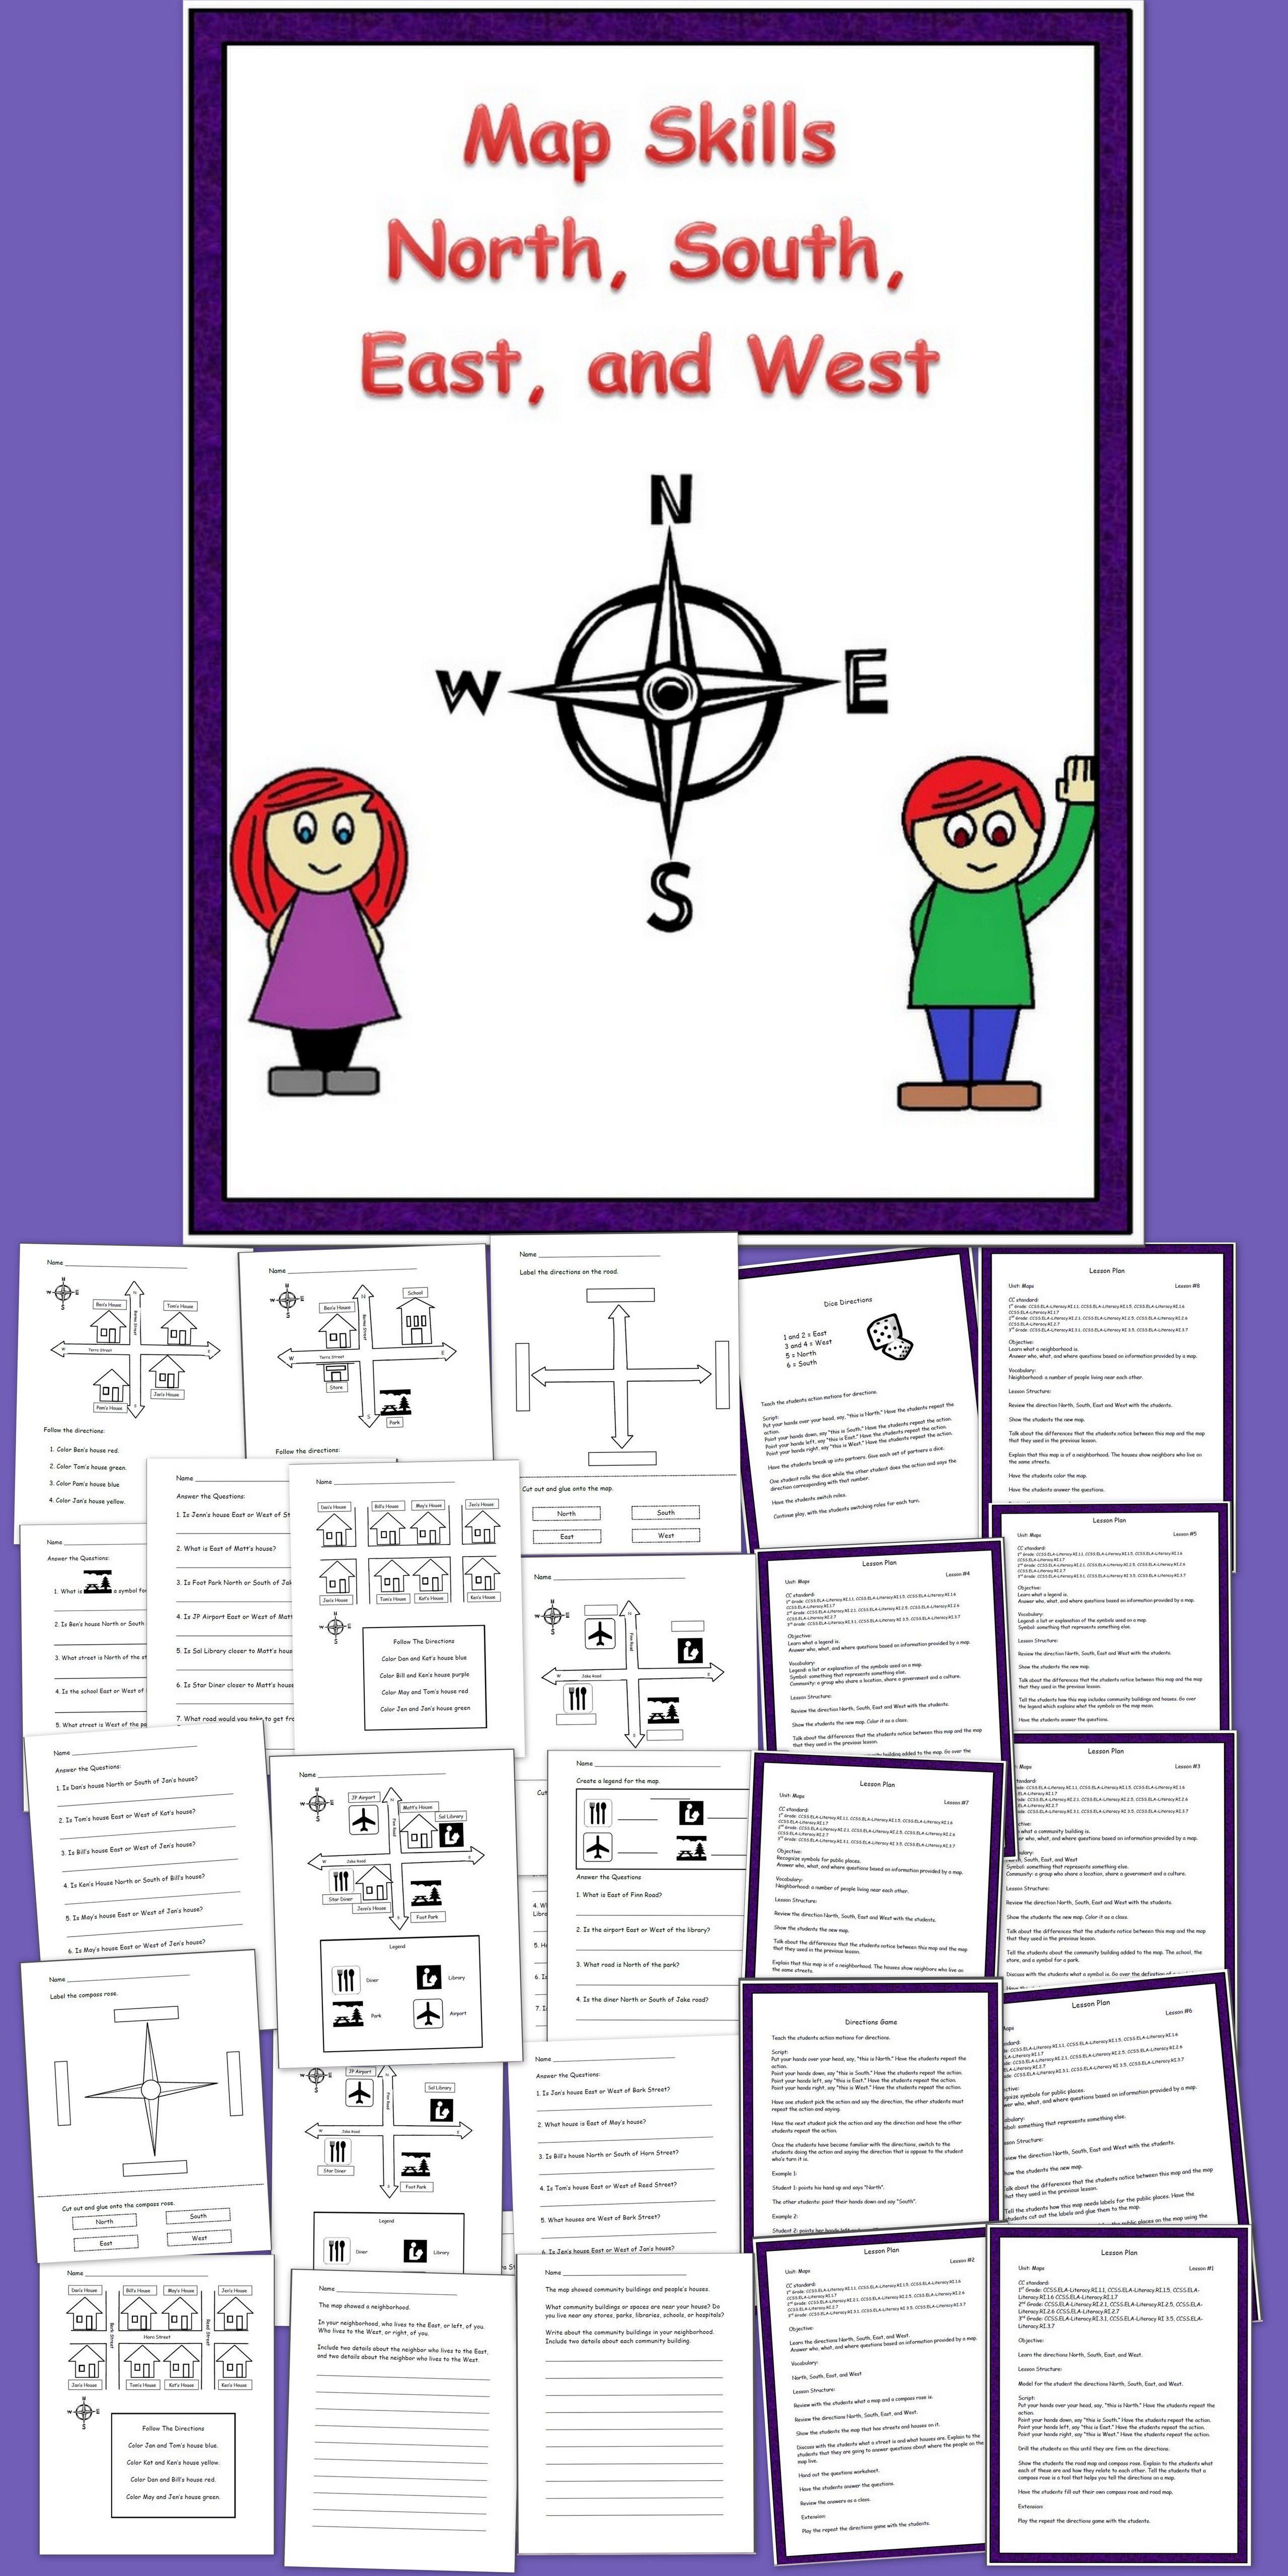 Map Skills N S E W Map Skills Social Studies Maps Map Skills Worksheets [ 5120 x 2560 Pixel ]